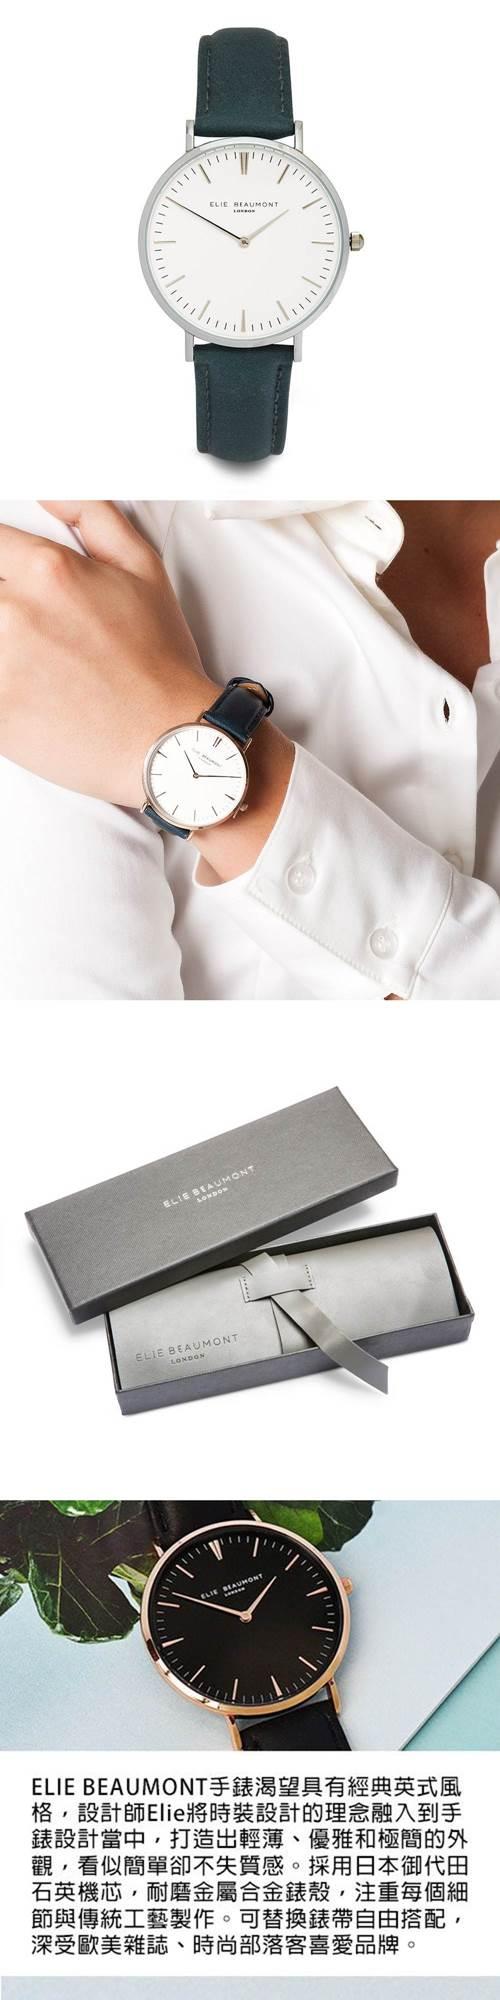 (複製)Elie Beaumont 英國時尚手錶 牛津系列 白錶盤x暗玫紅錶帶x銀錶框38mm